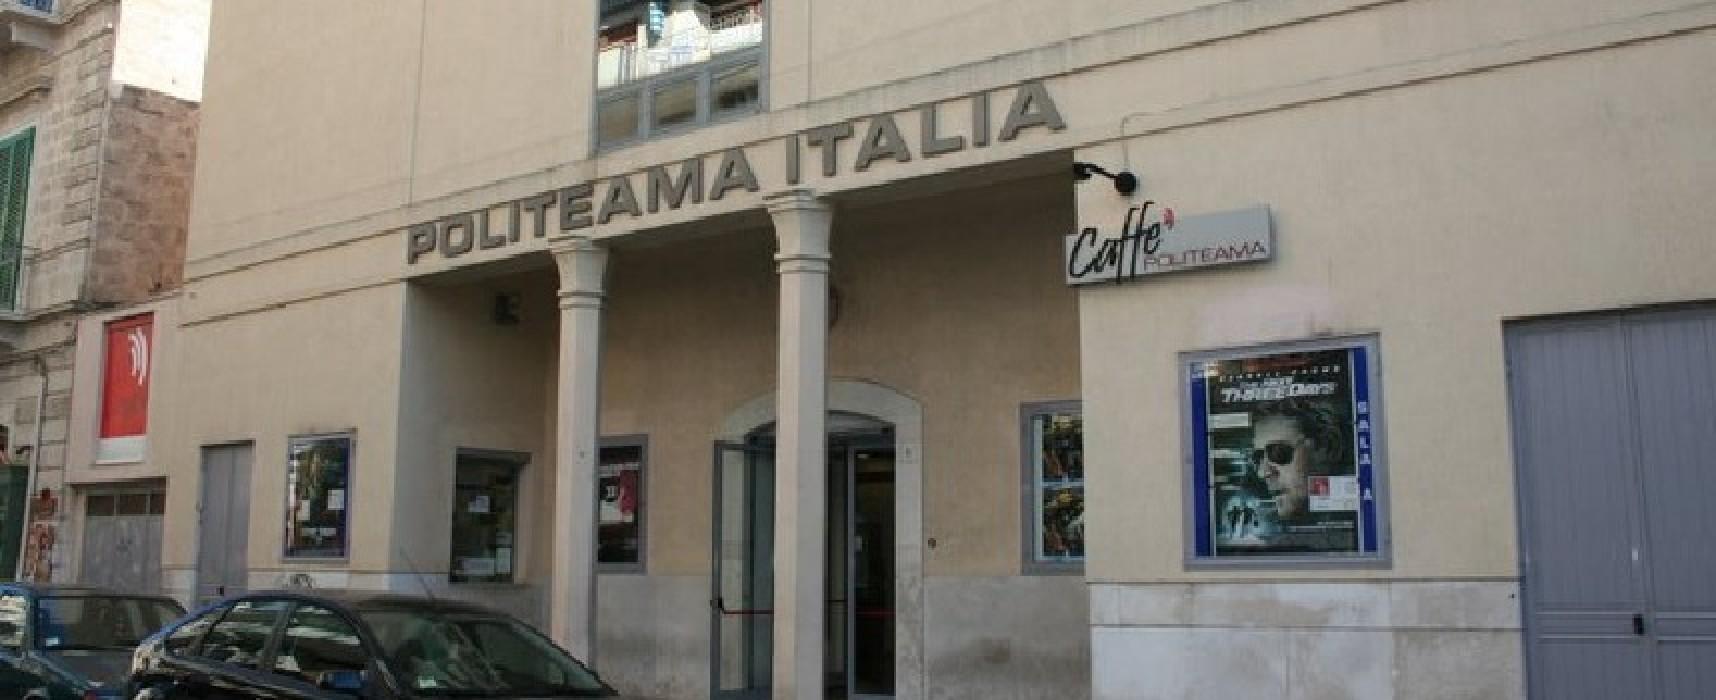 """L'ironia di """"Dabbenaggine"""" in scena domani sera al Politeama Italia"""